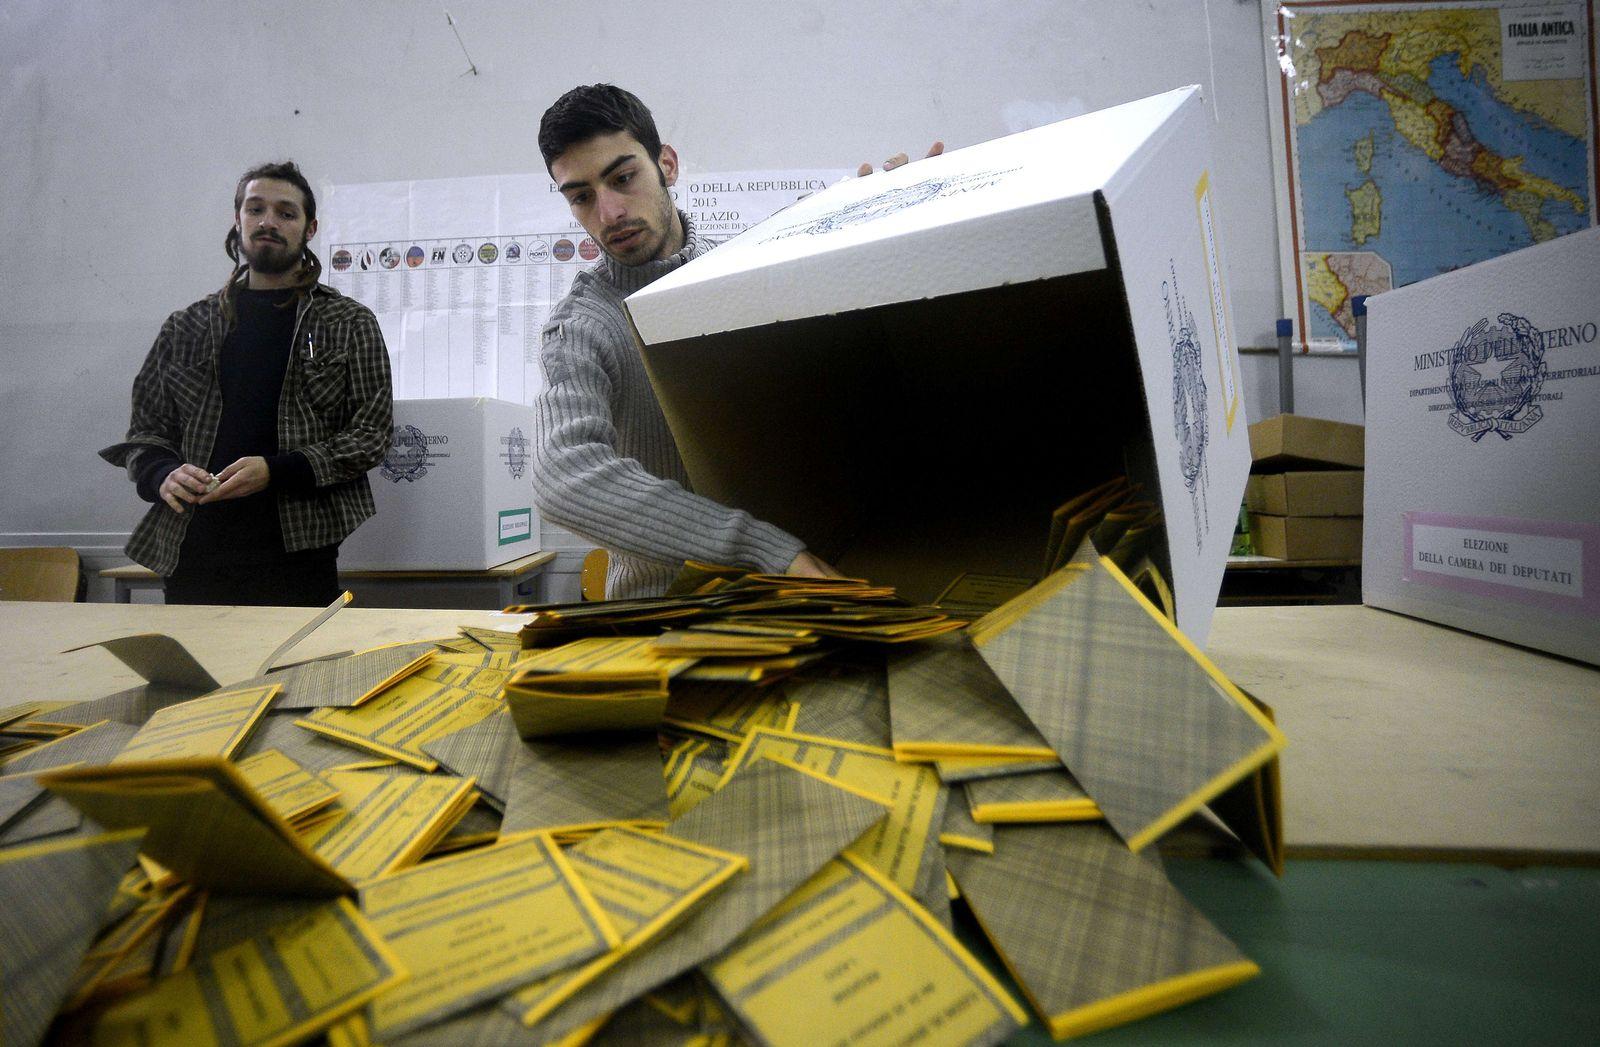 ITALY-VOTE